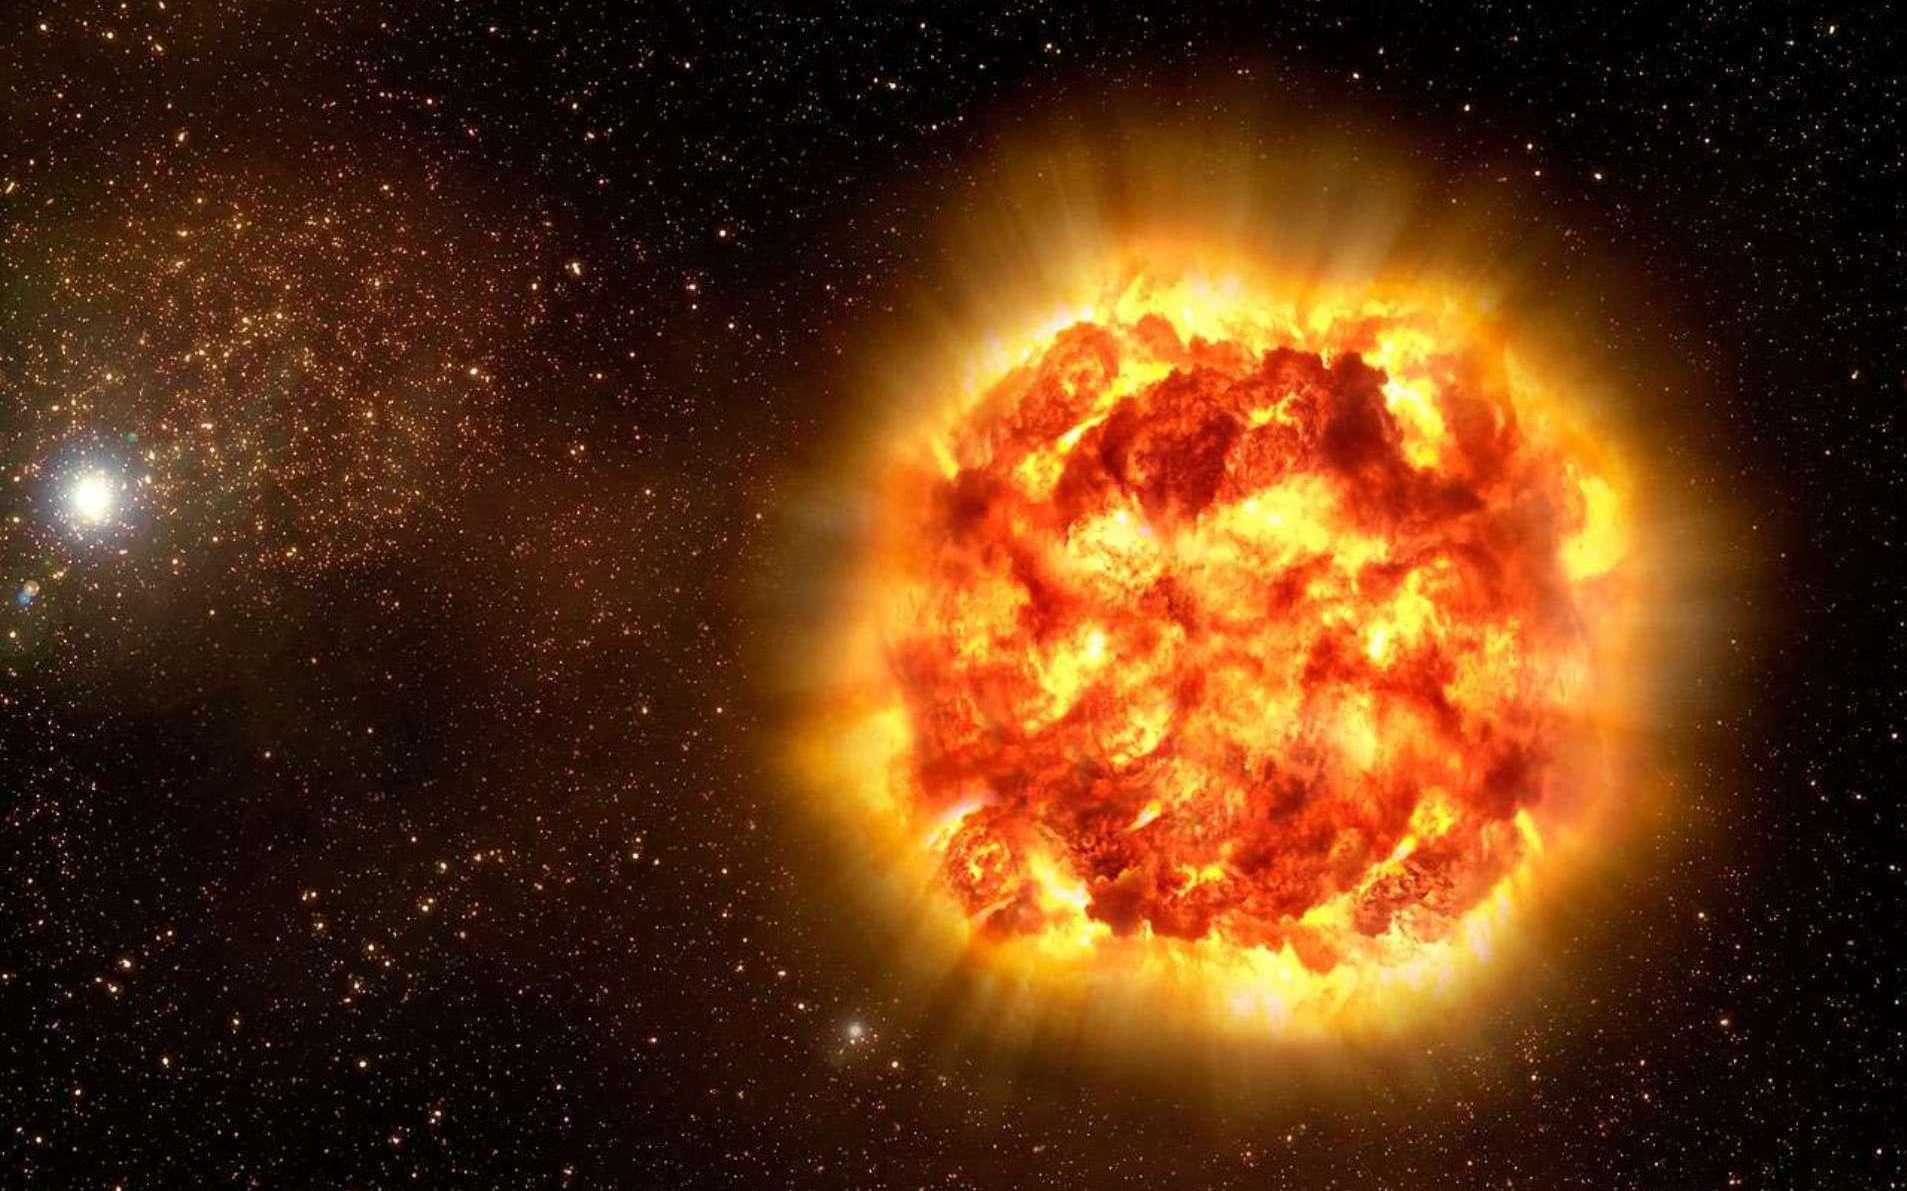 Une vue d'artiste de l'explosion d'une supernova. © Eso